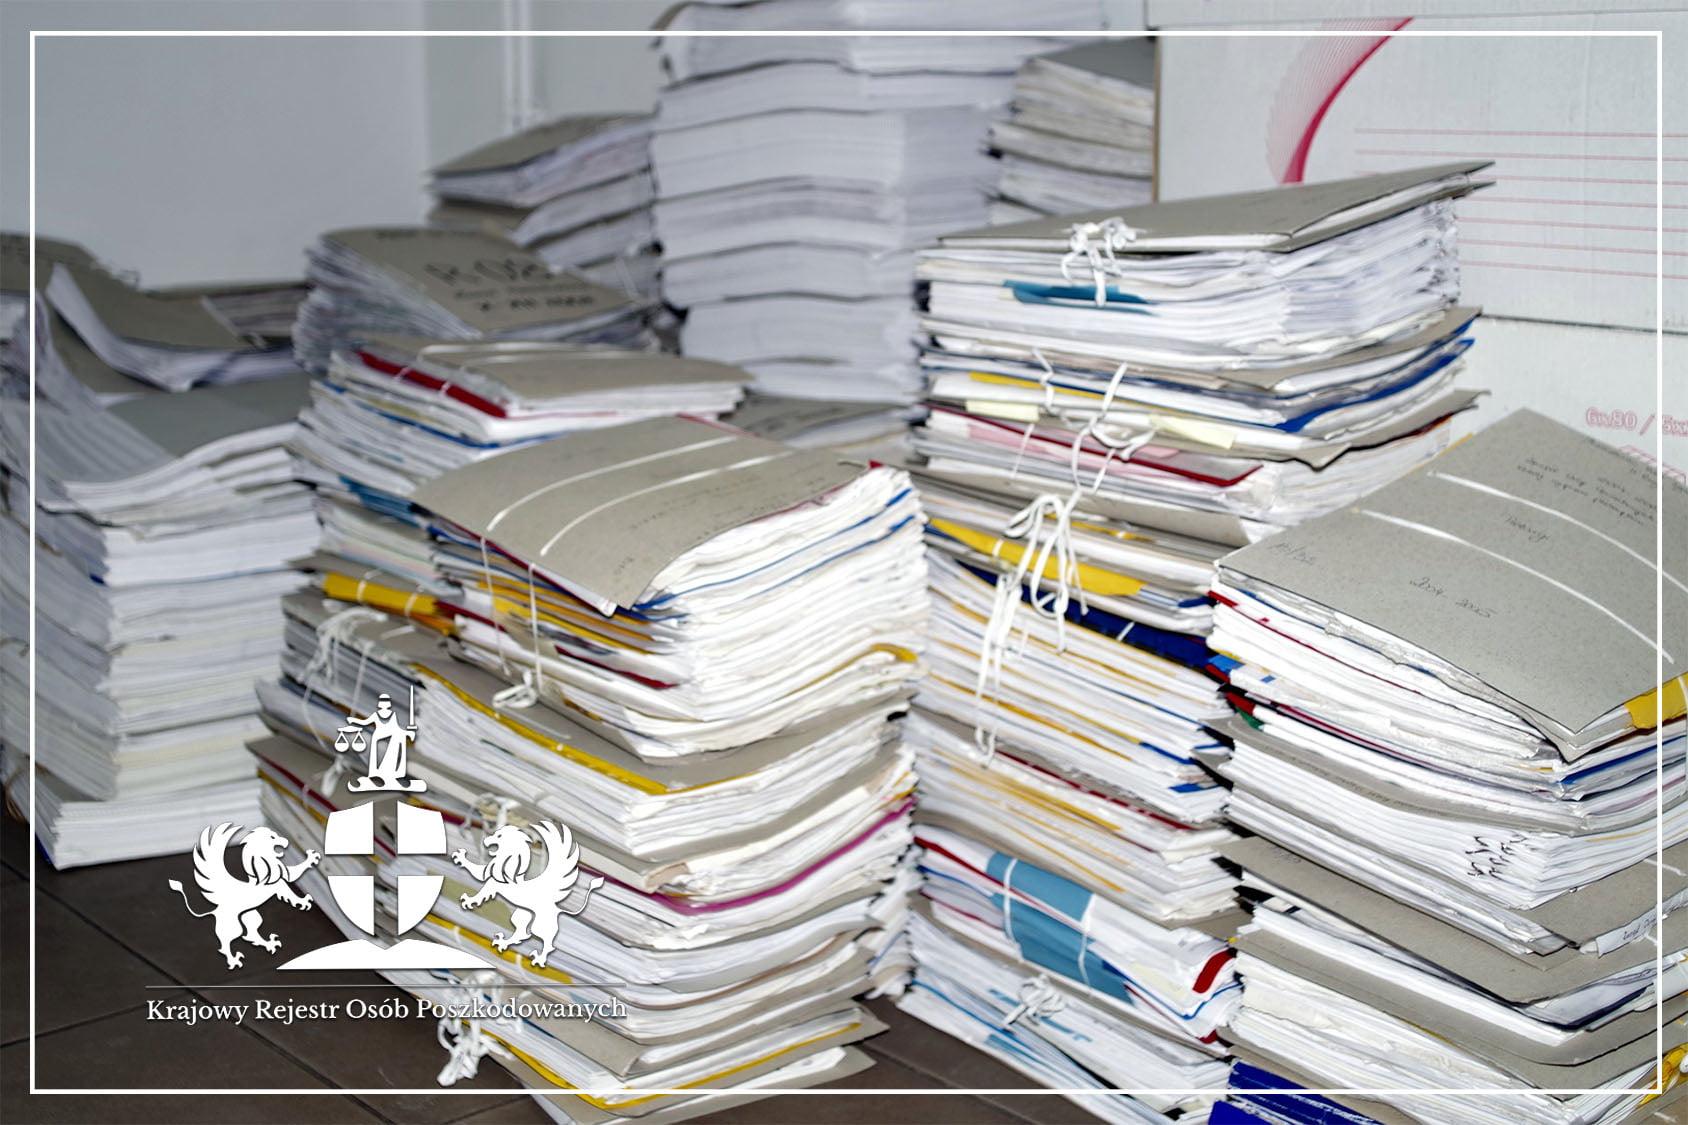 Wydanie dokumentacji medycznej rodzinie